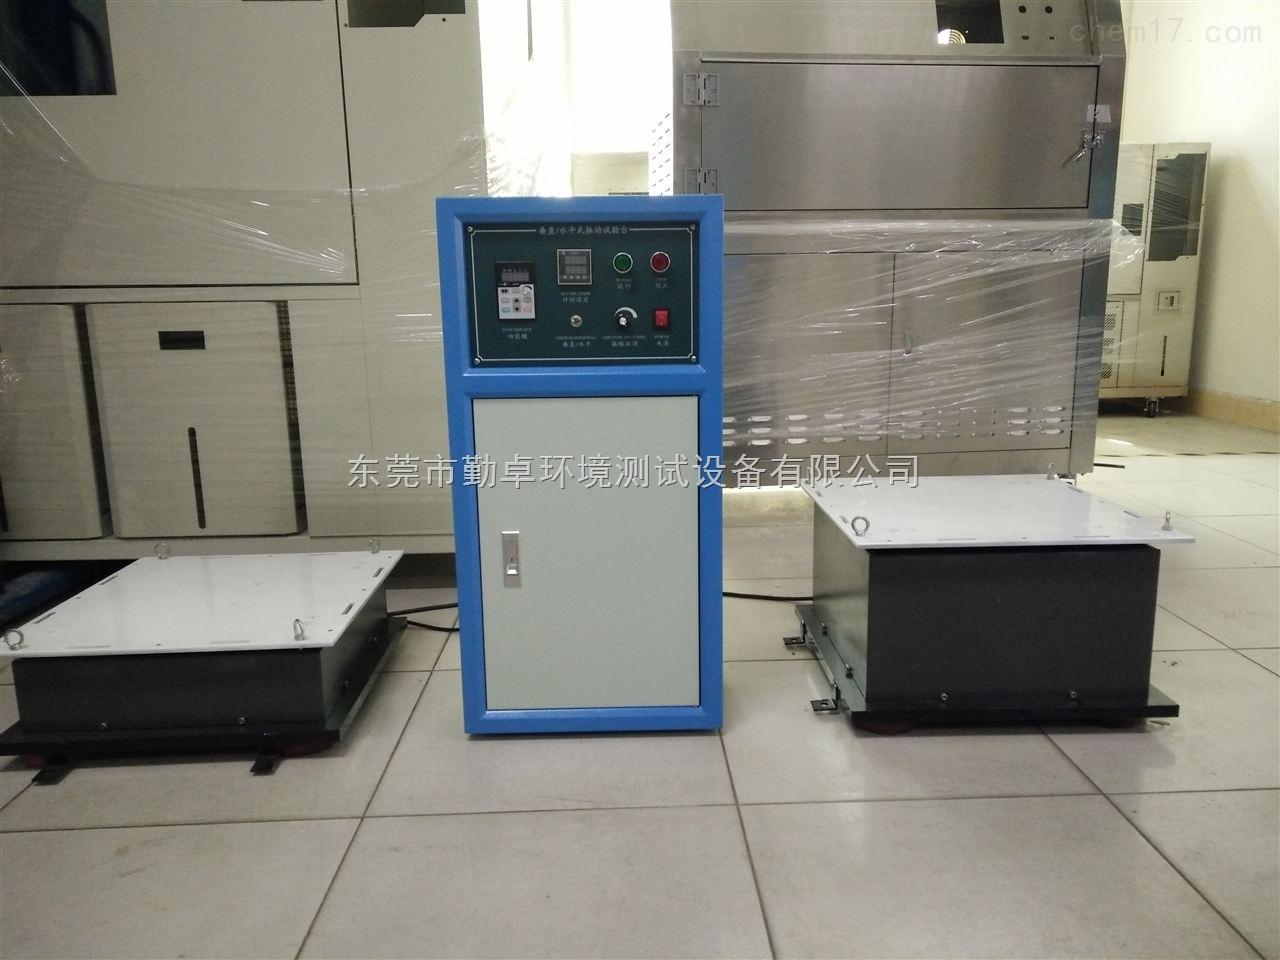 电磁式振动试验台 振动试验机